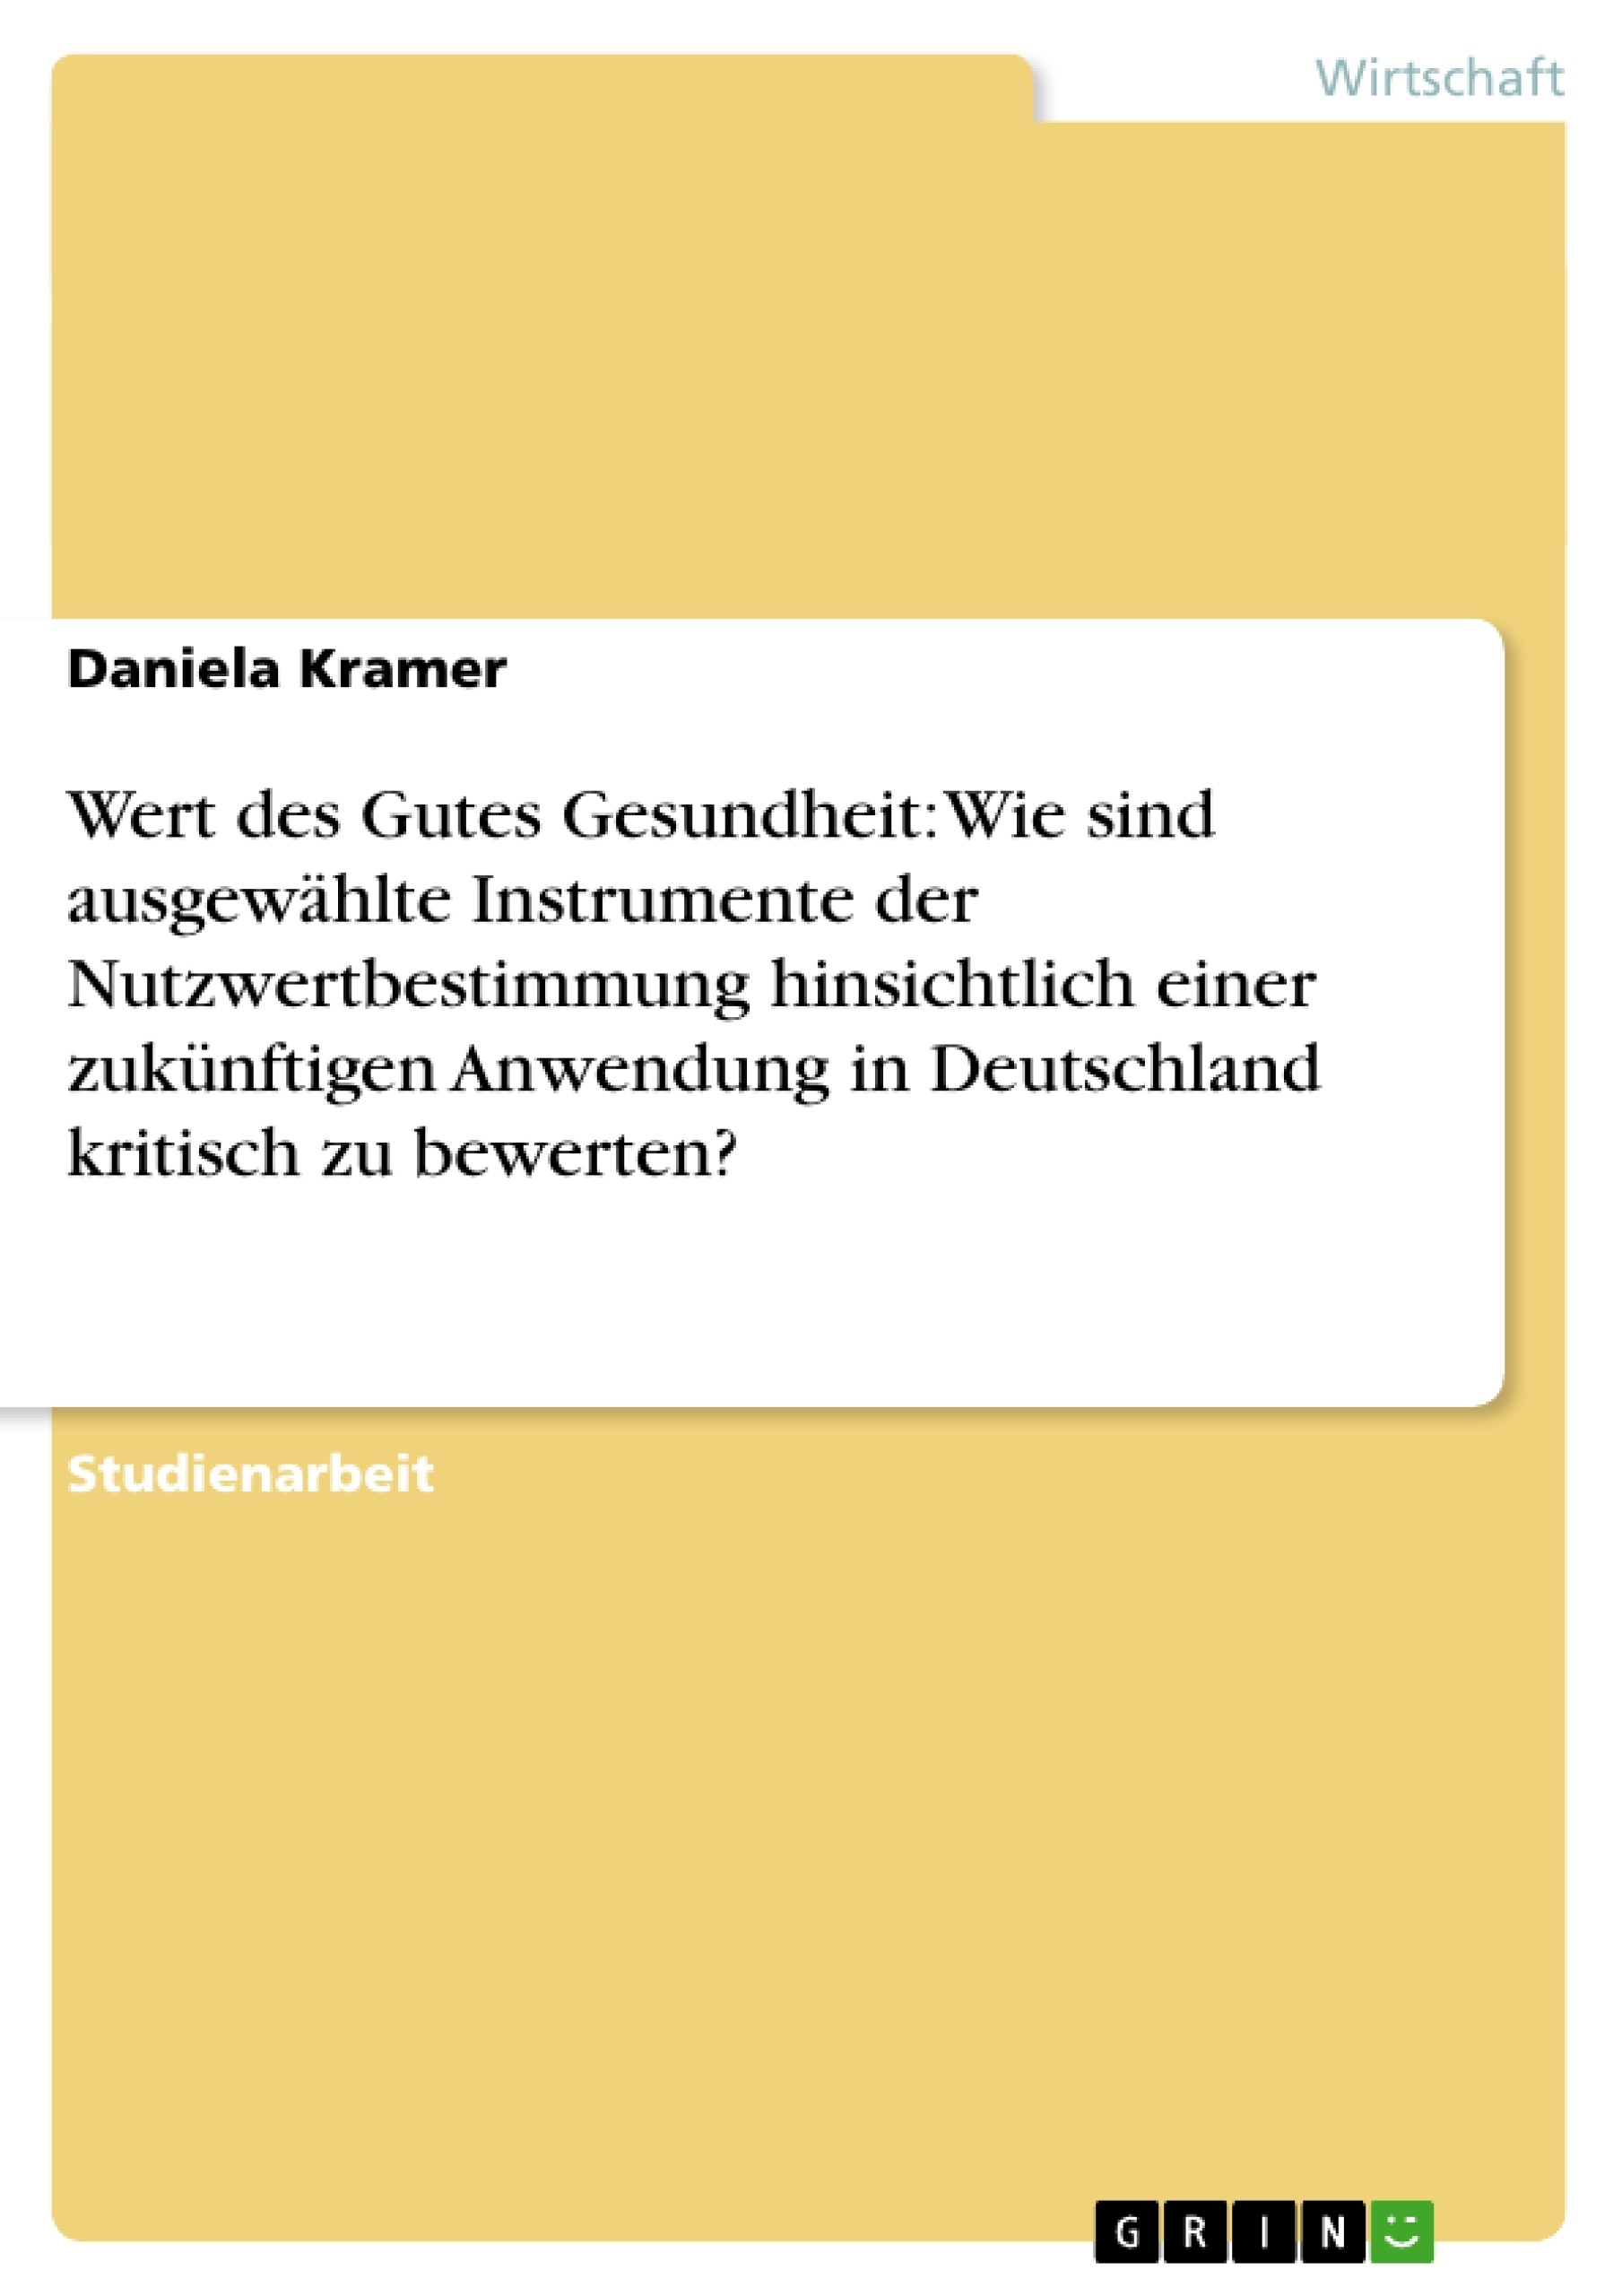 Titel: Wert des Gutes Gesundheit: Wie sind ausgewählte Instrumente der Nutzwertbestimmung hinsichtlich einer zukünftigen Anwendung in Deutschland kritisch zu bewerten?